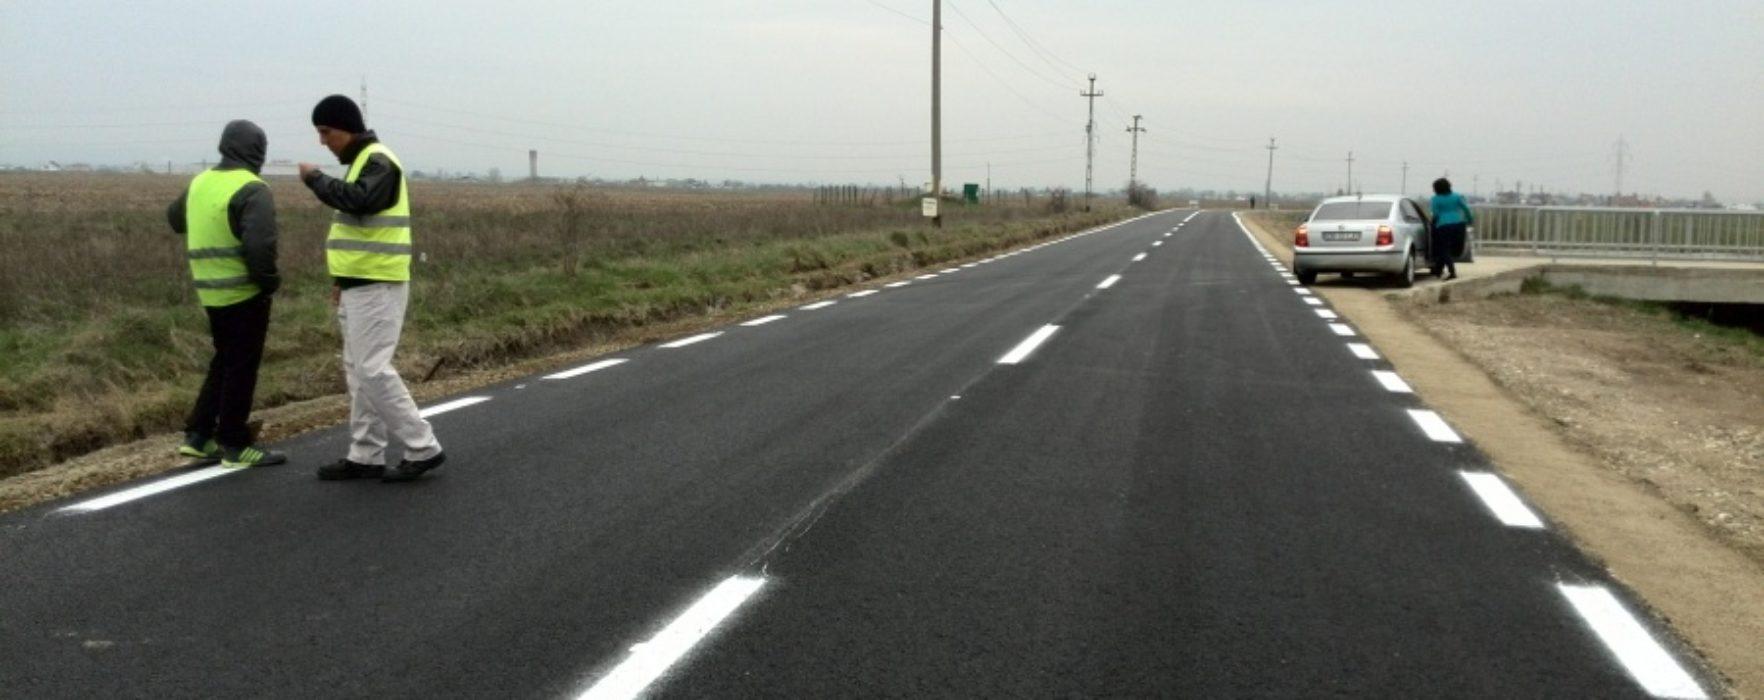 Dâmboviţa: Asfaltări şi refacere marcaje rutiere; vezi unde se lucrează